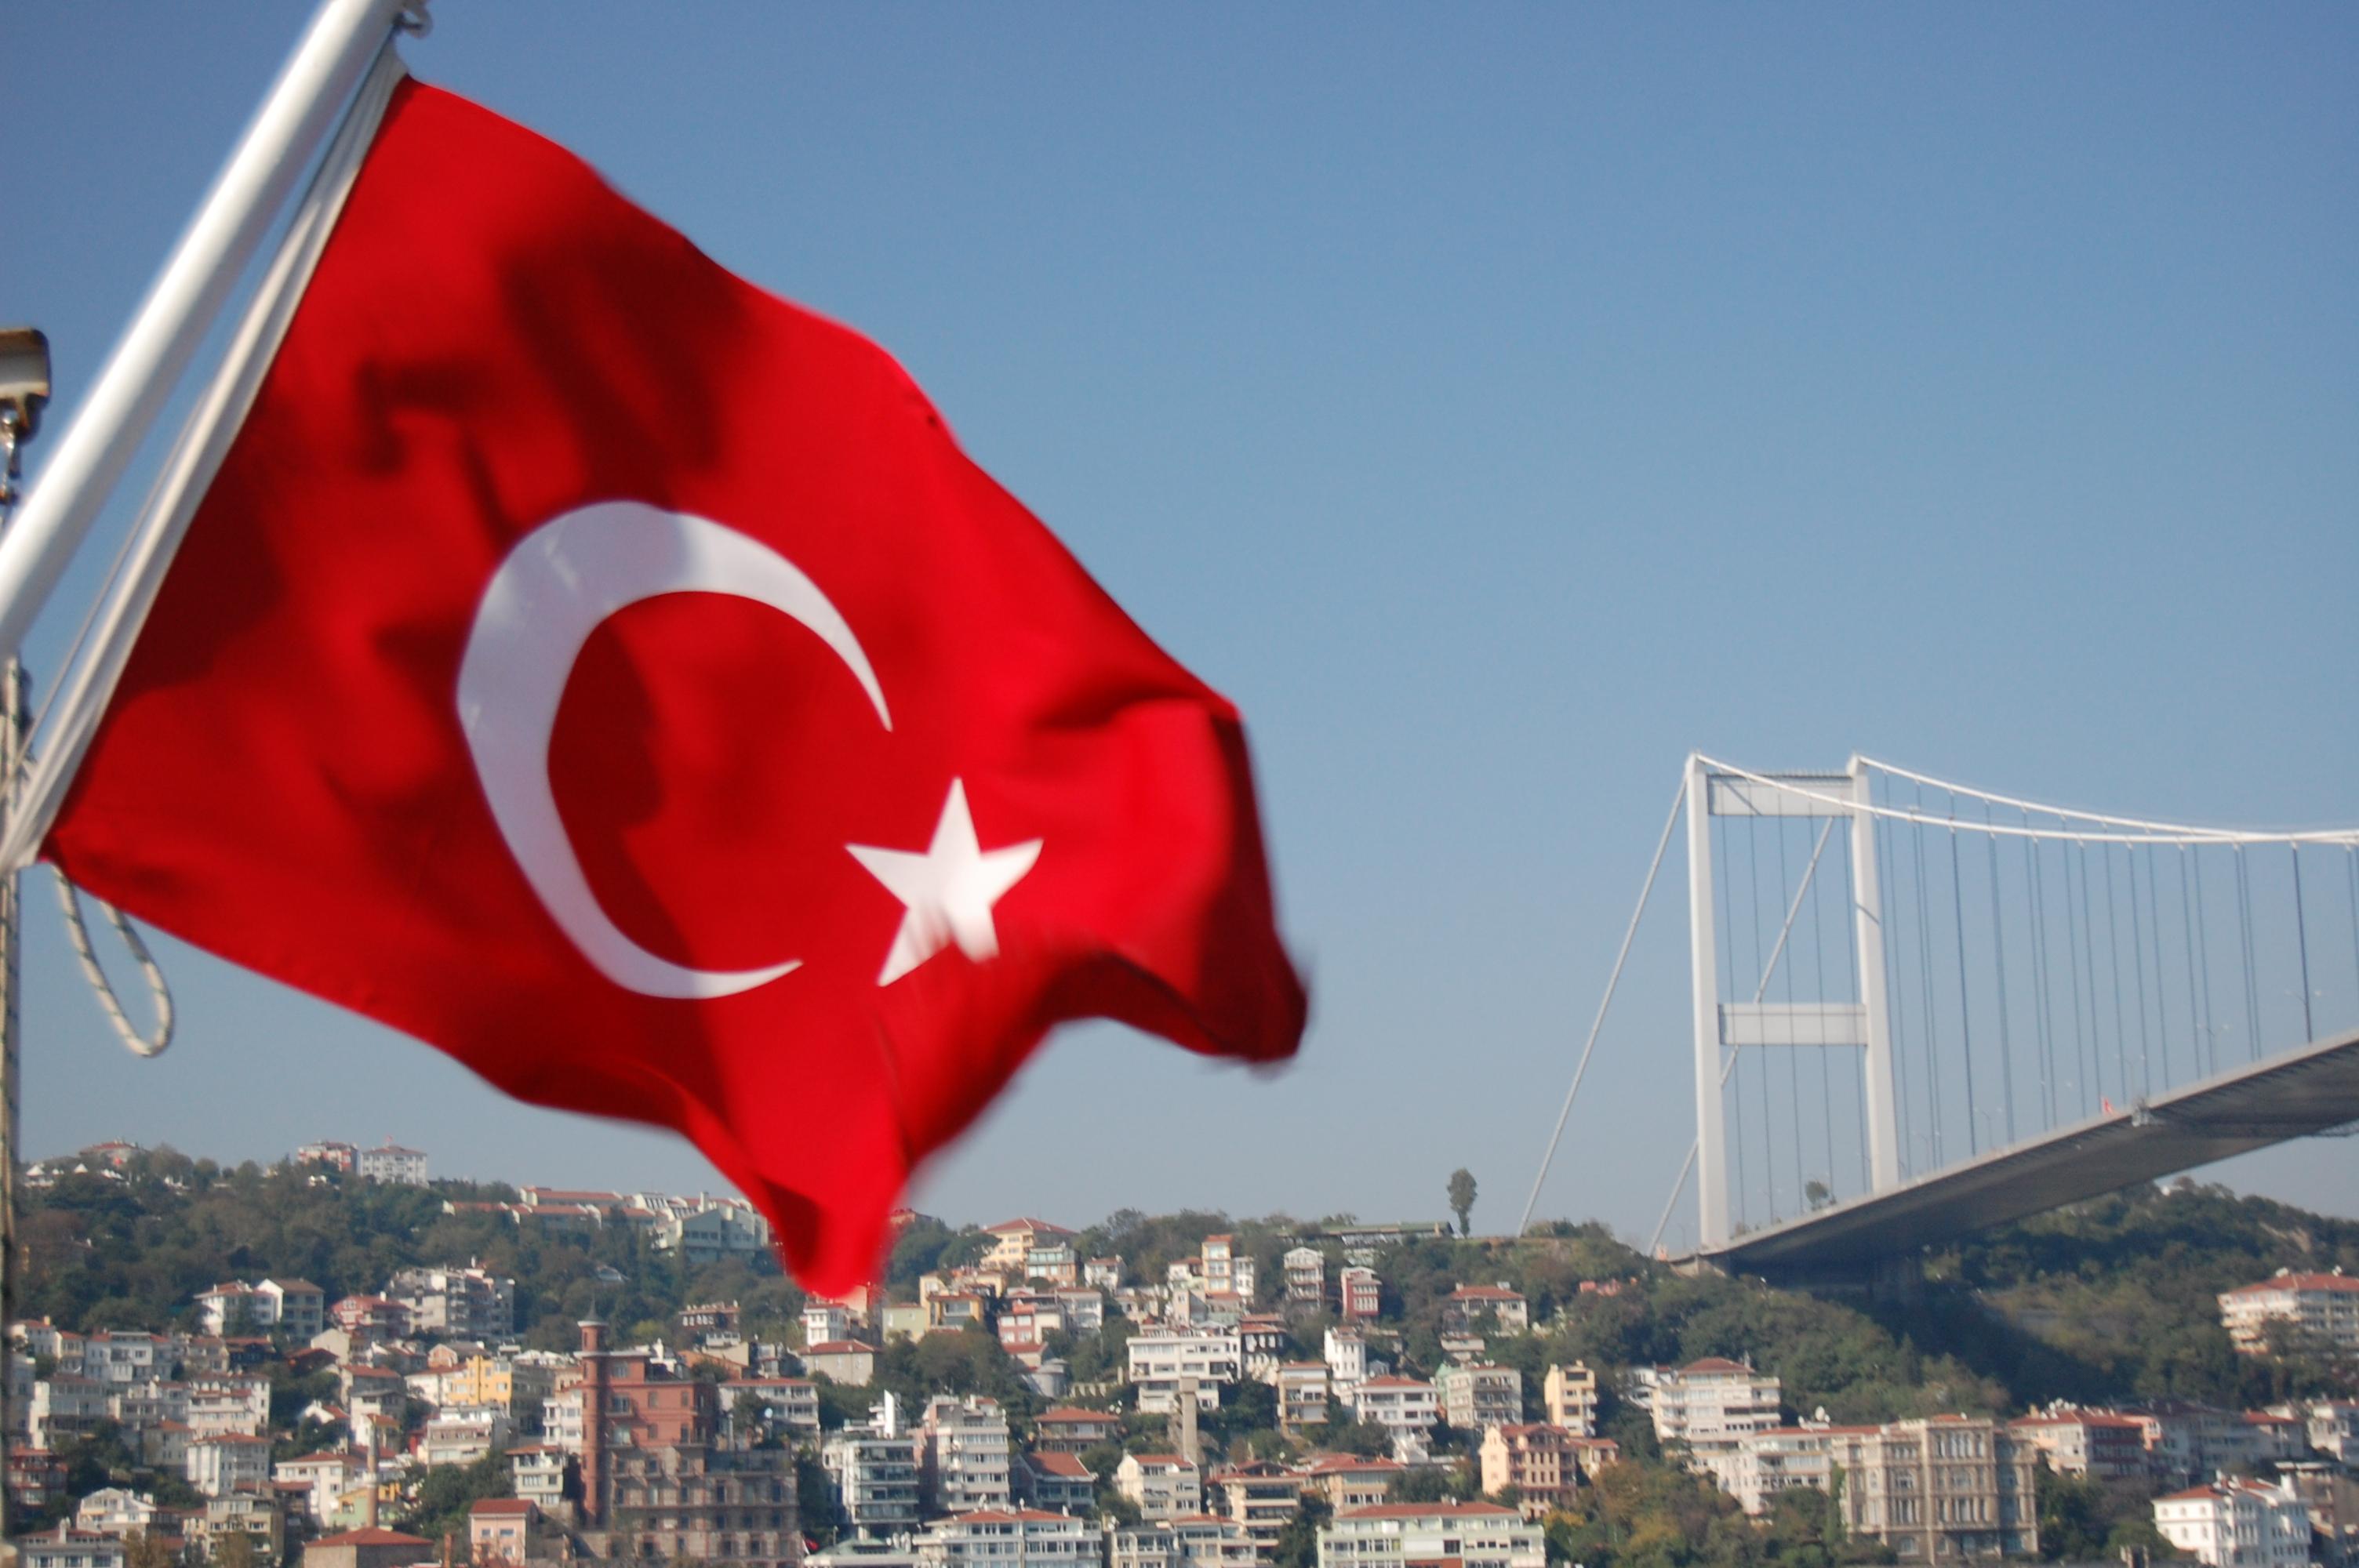 Turcia rămâne scena unor epurări masive ale opozanților regimului Erdogan